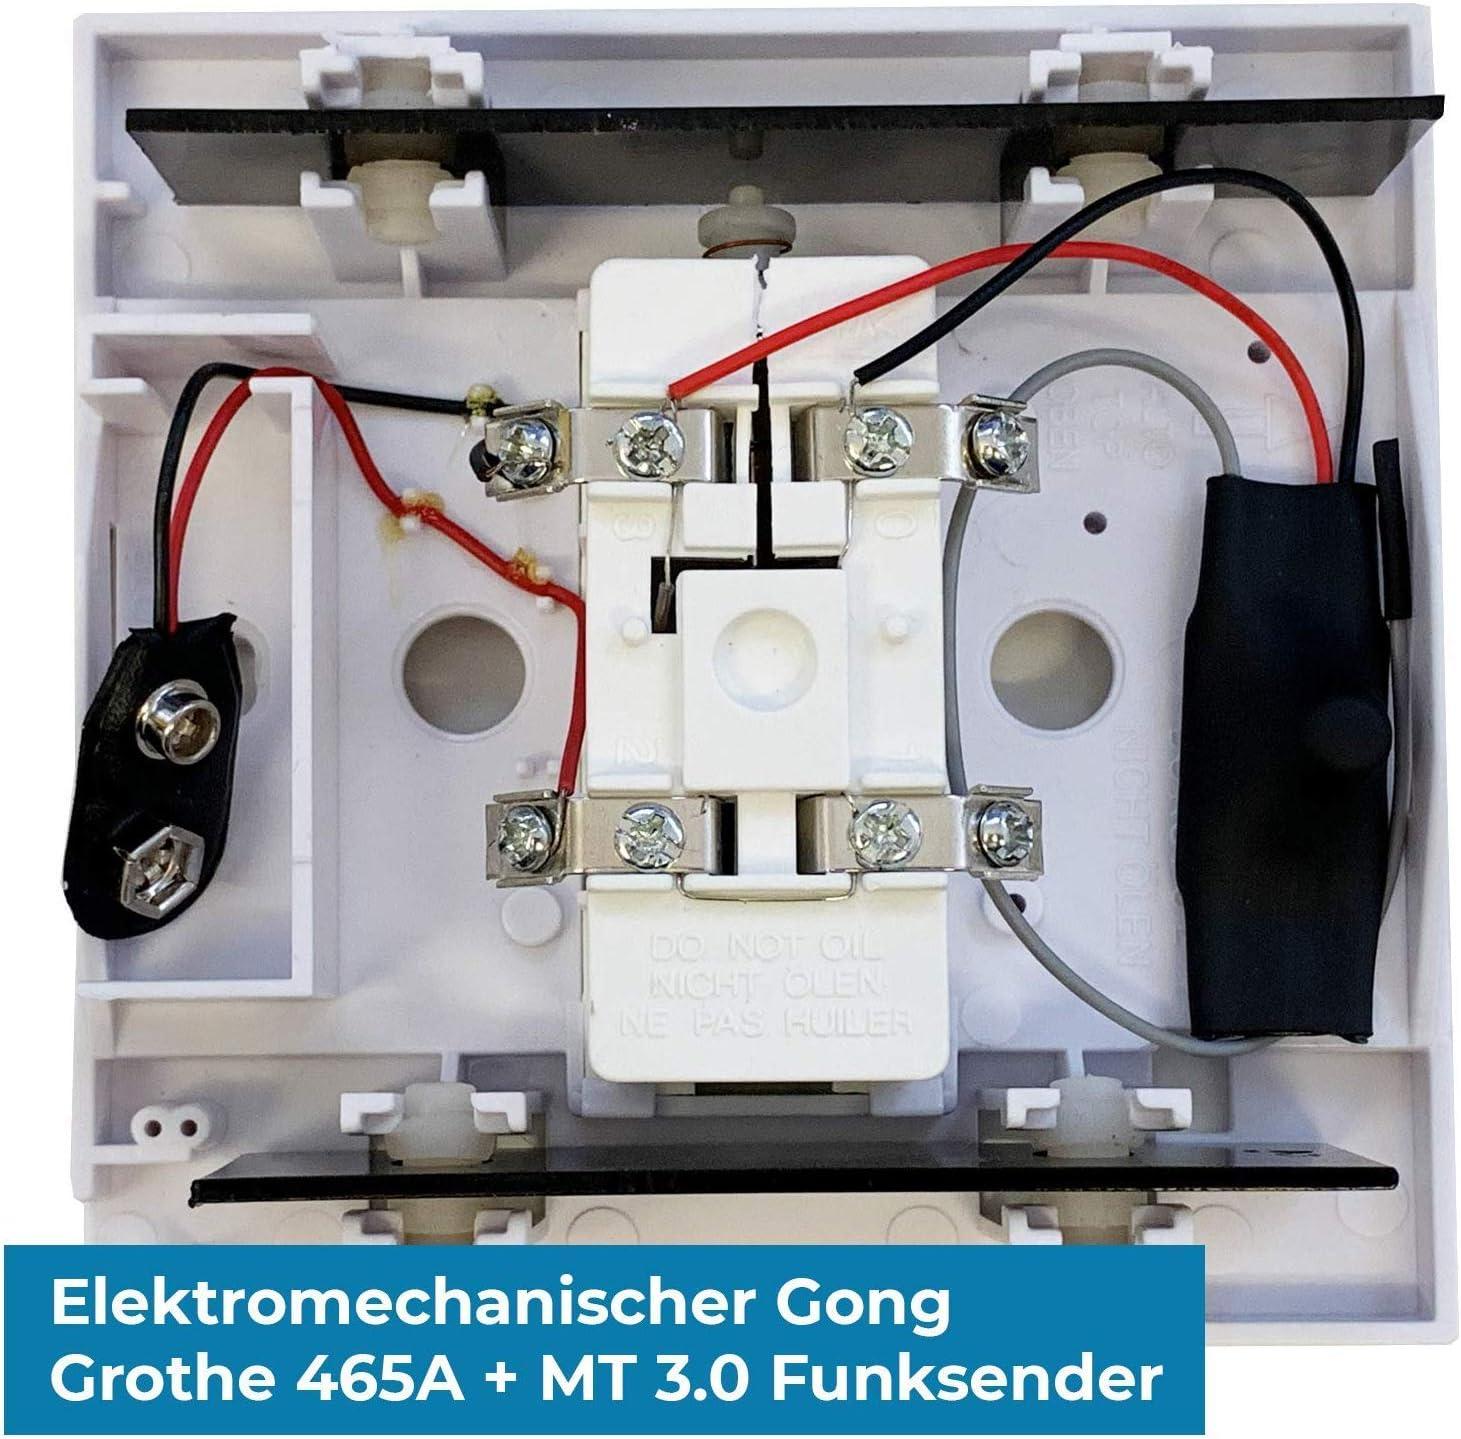 Timbre Transmisi/ón de se/ñal inal/ámbrica conversor de timbre MT3.0 /– Gong, enchufe receptor Blanco